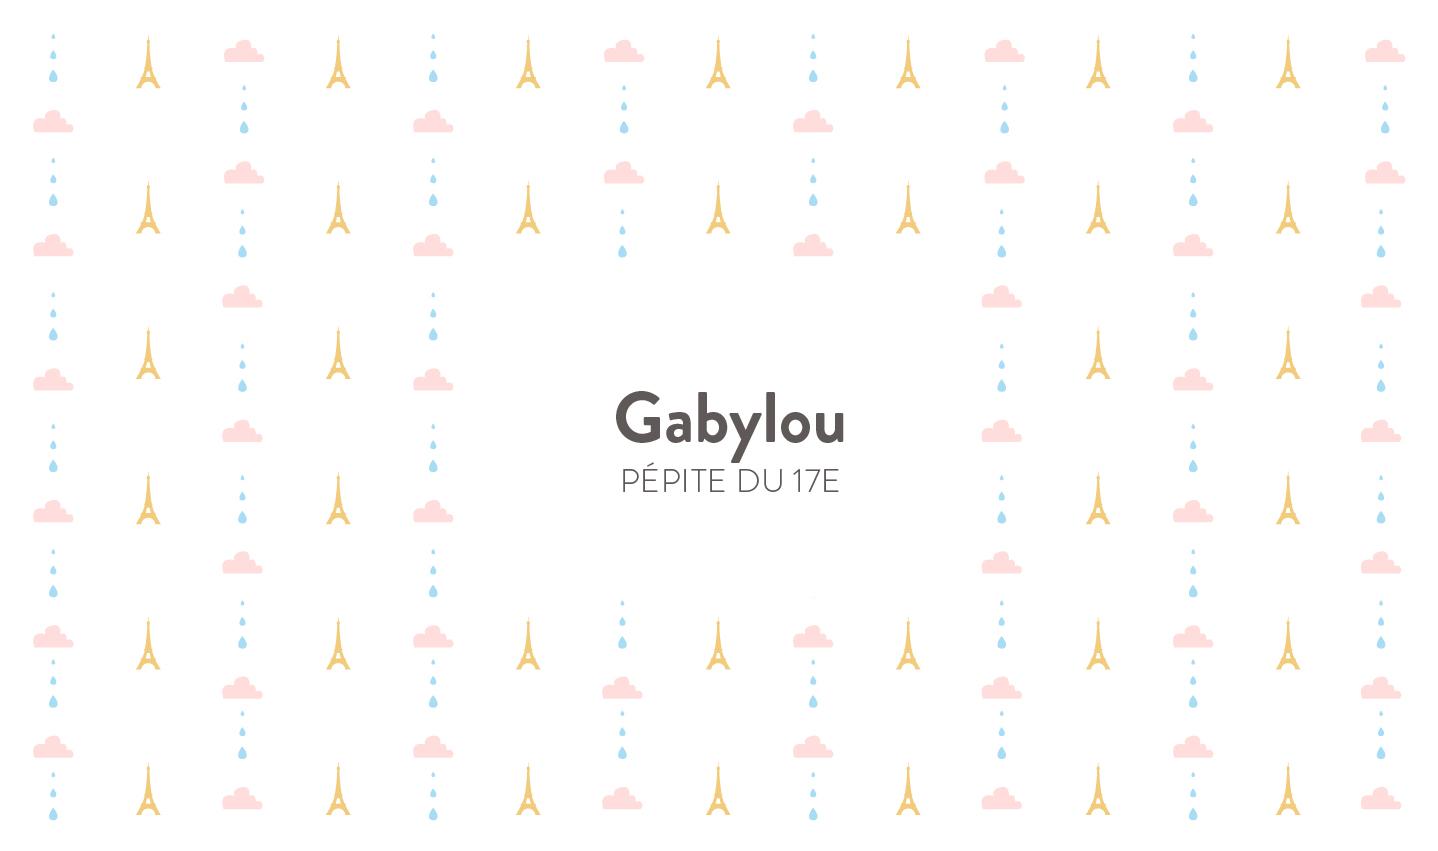 paris_gabylou-01